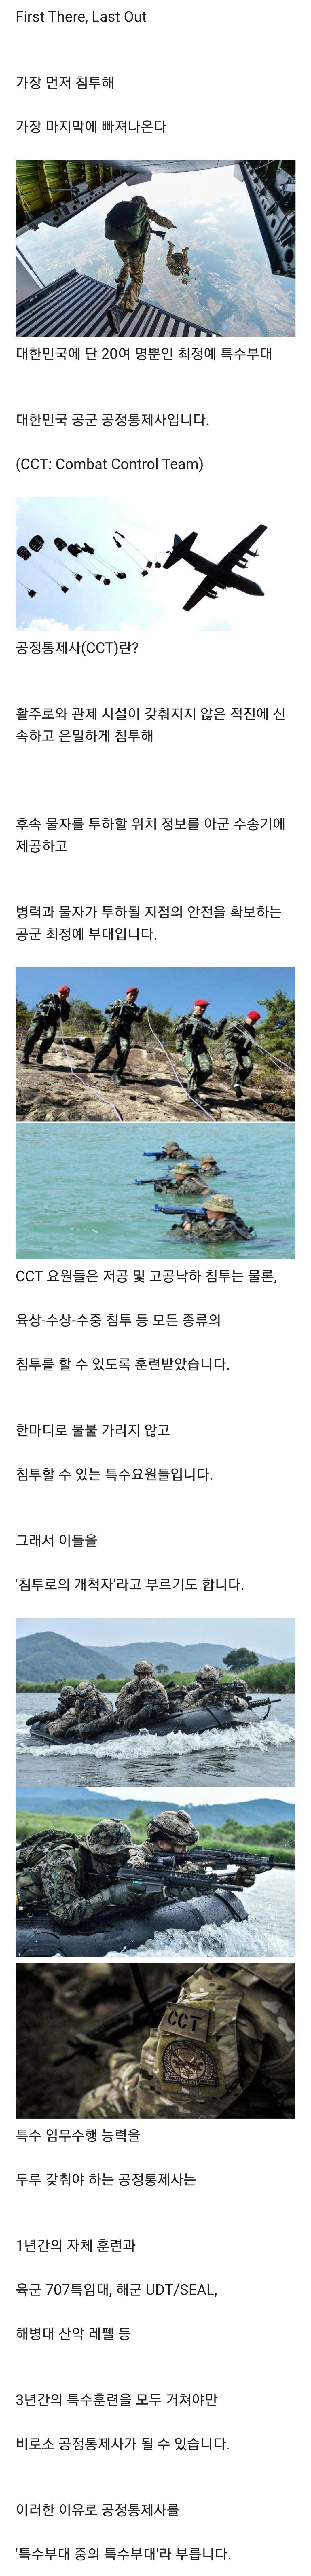 대한민국에 단 20여 명 뿐인 최정예 특수부대